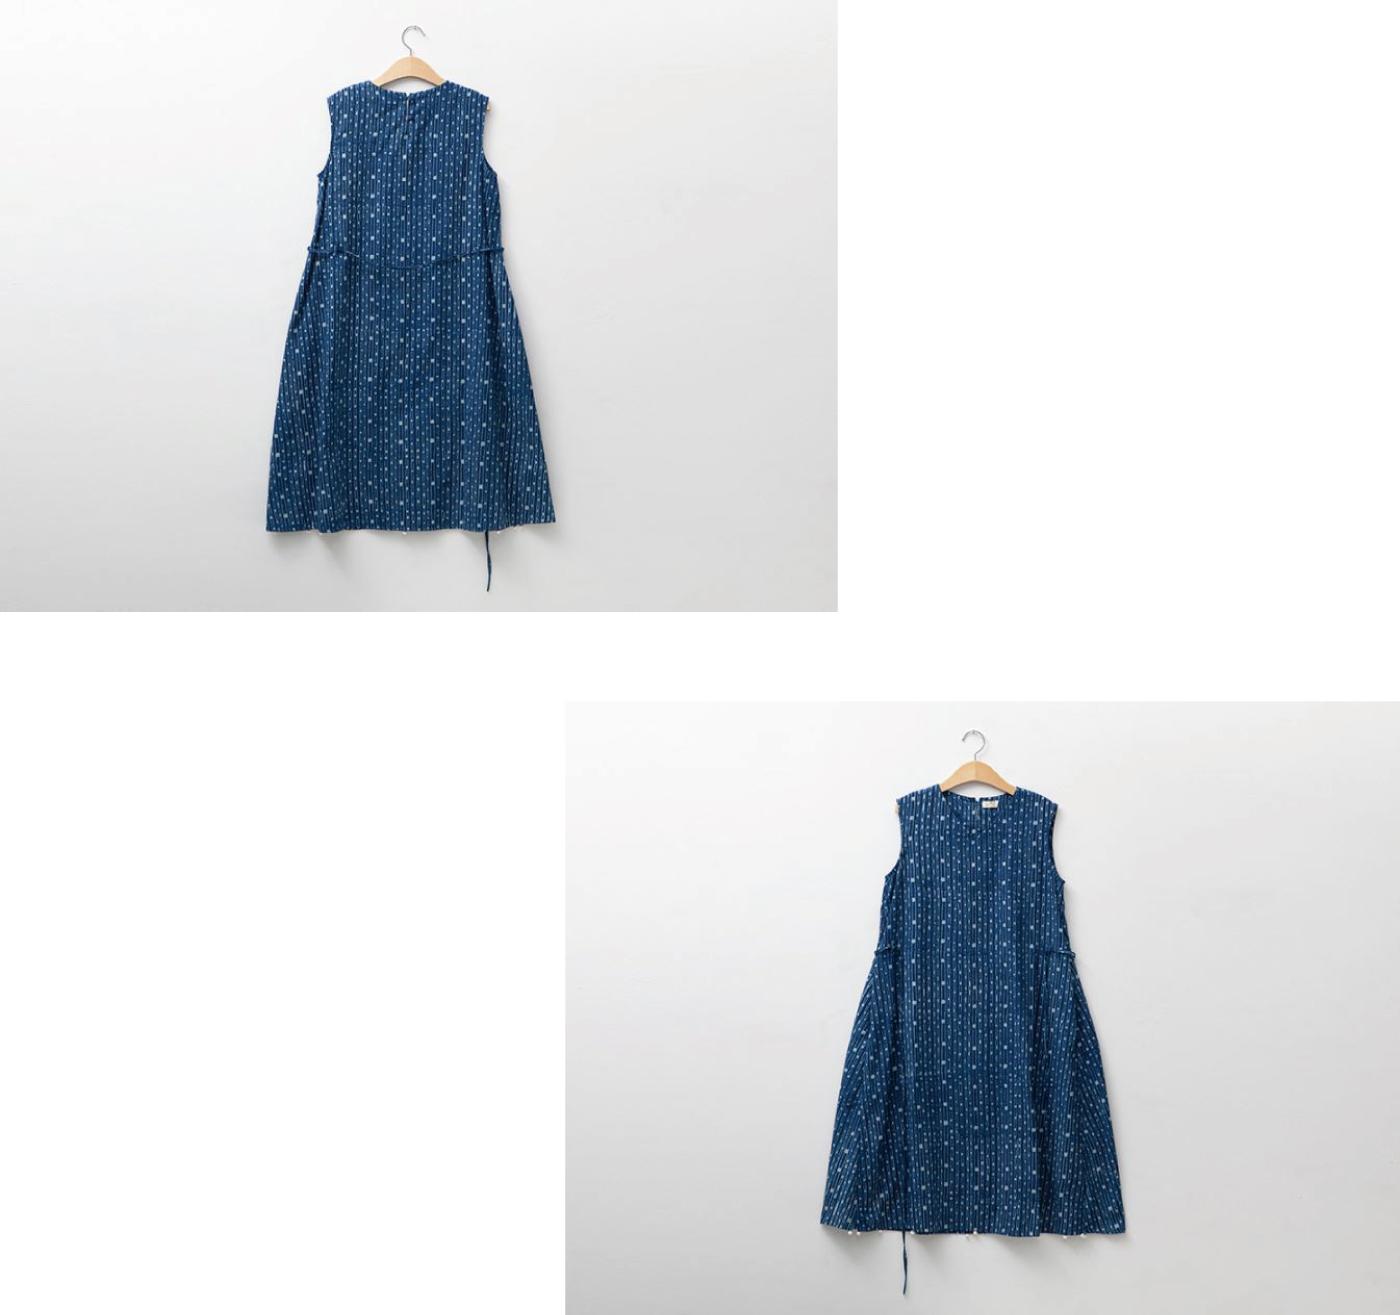 인디고 폼폼 드레스/그루 인디고 폼폼 드레스 상세이미지6